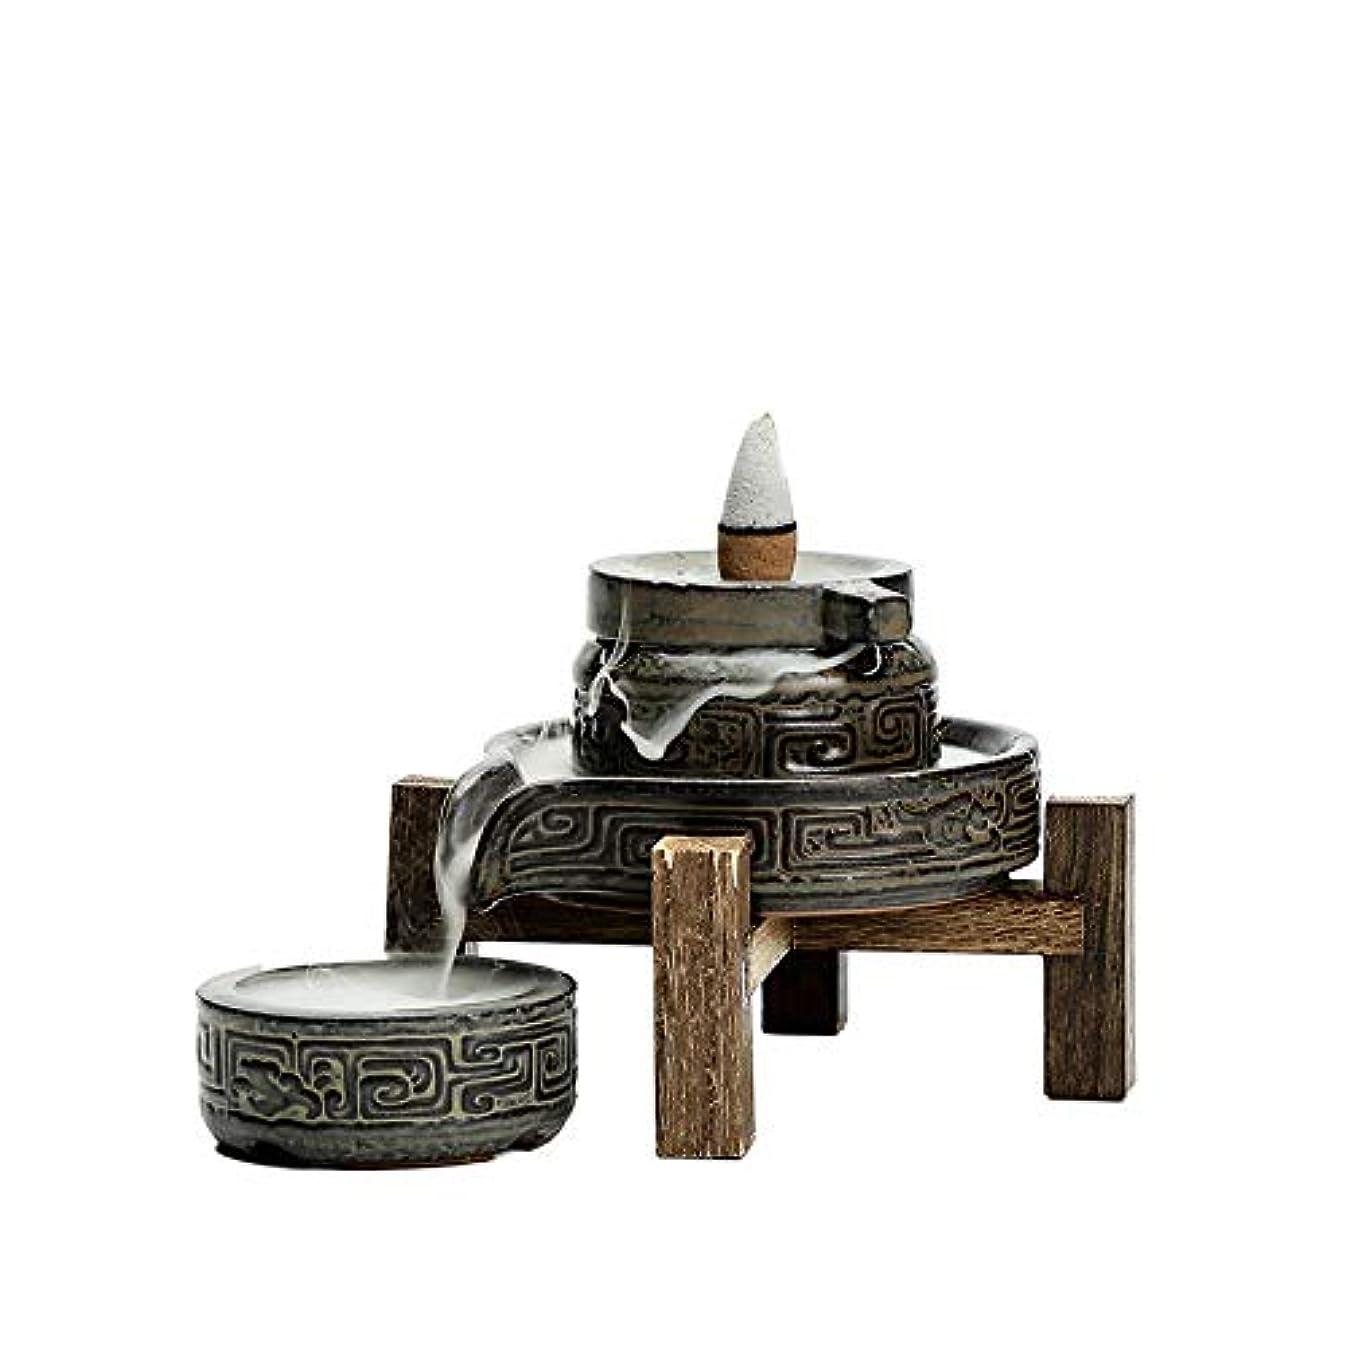 テロ農業コールドPHILOGOD 香炉 陶器ストーンミルモデリング逆流香炉 香立て 手作りの装飾 香皿